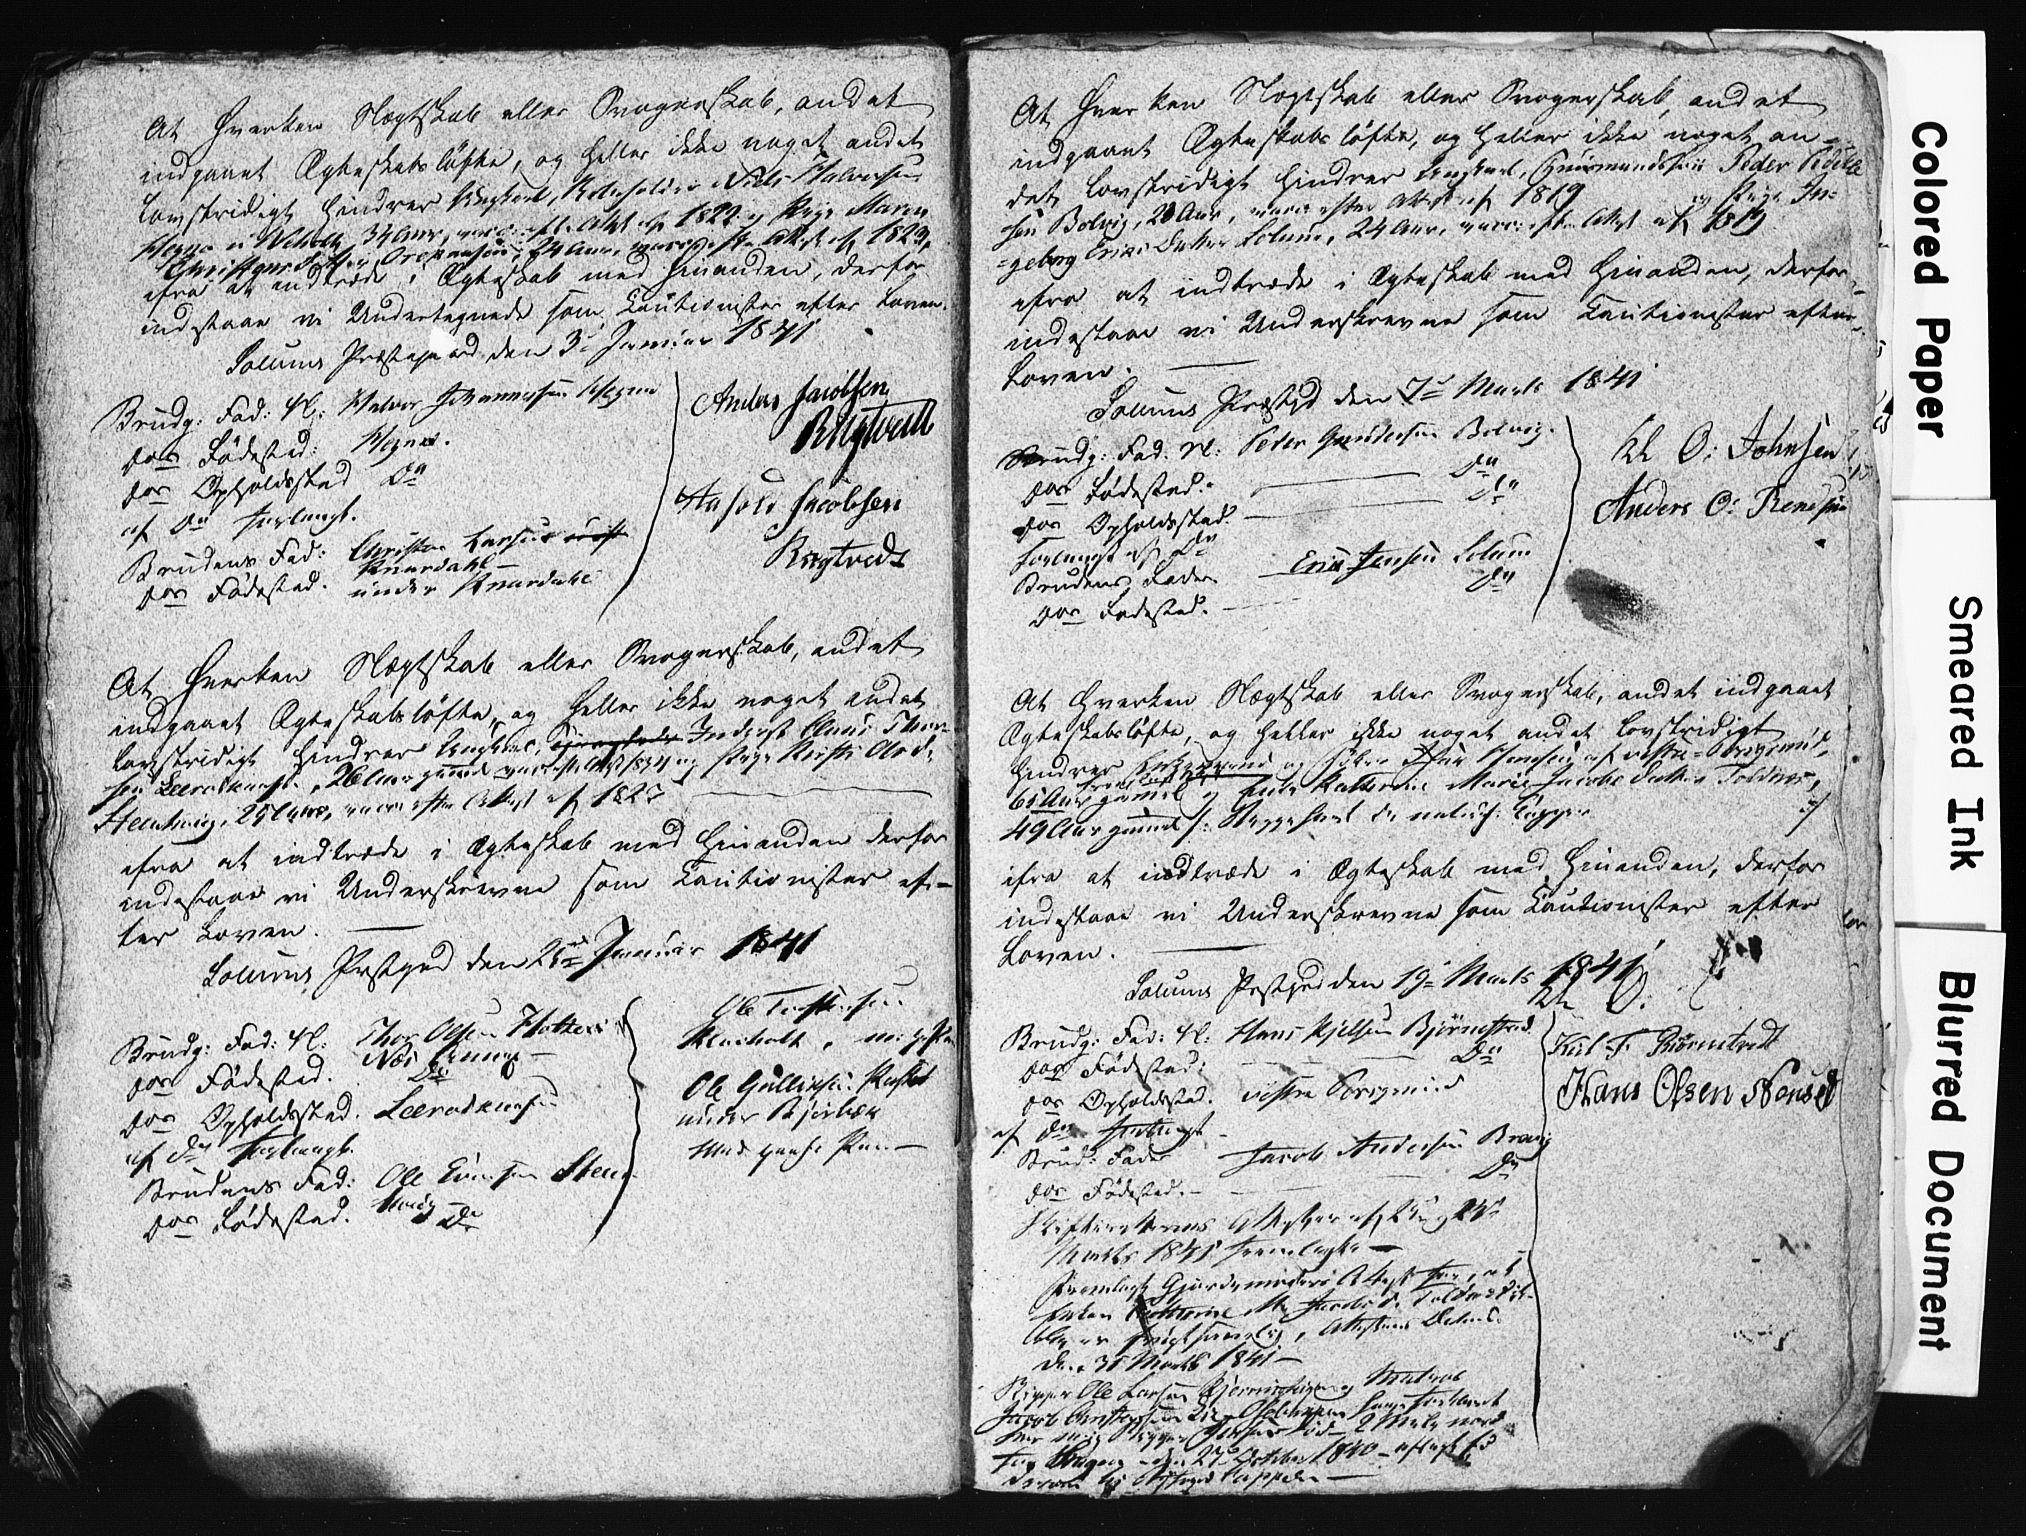 SAKO, Solum kirkebøker, H/Hc/L0001: Best man's statements no. 1, 1834-1843